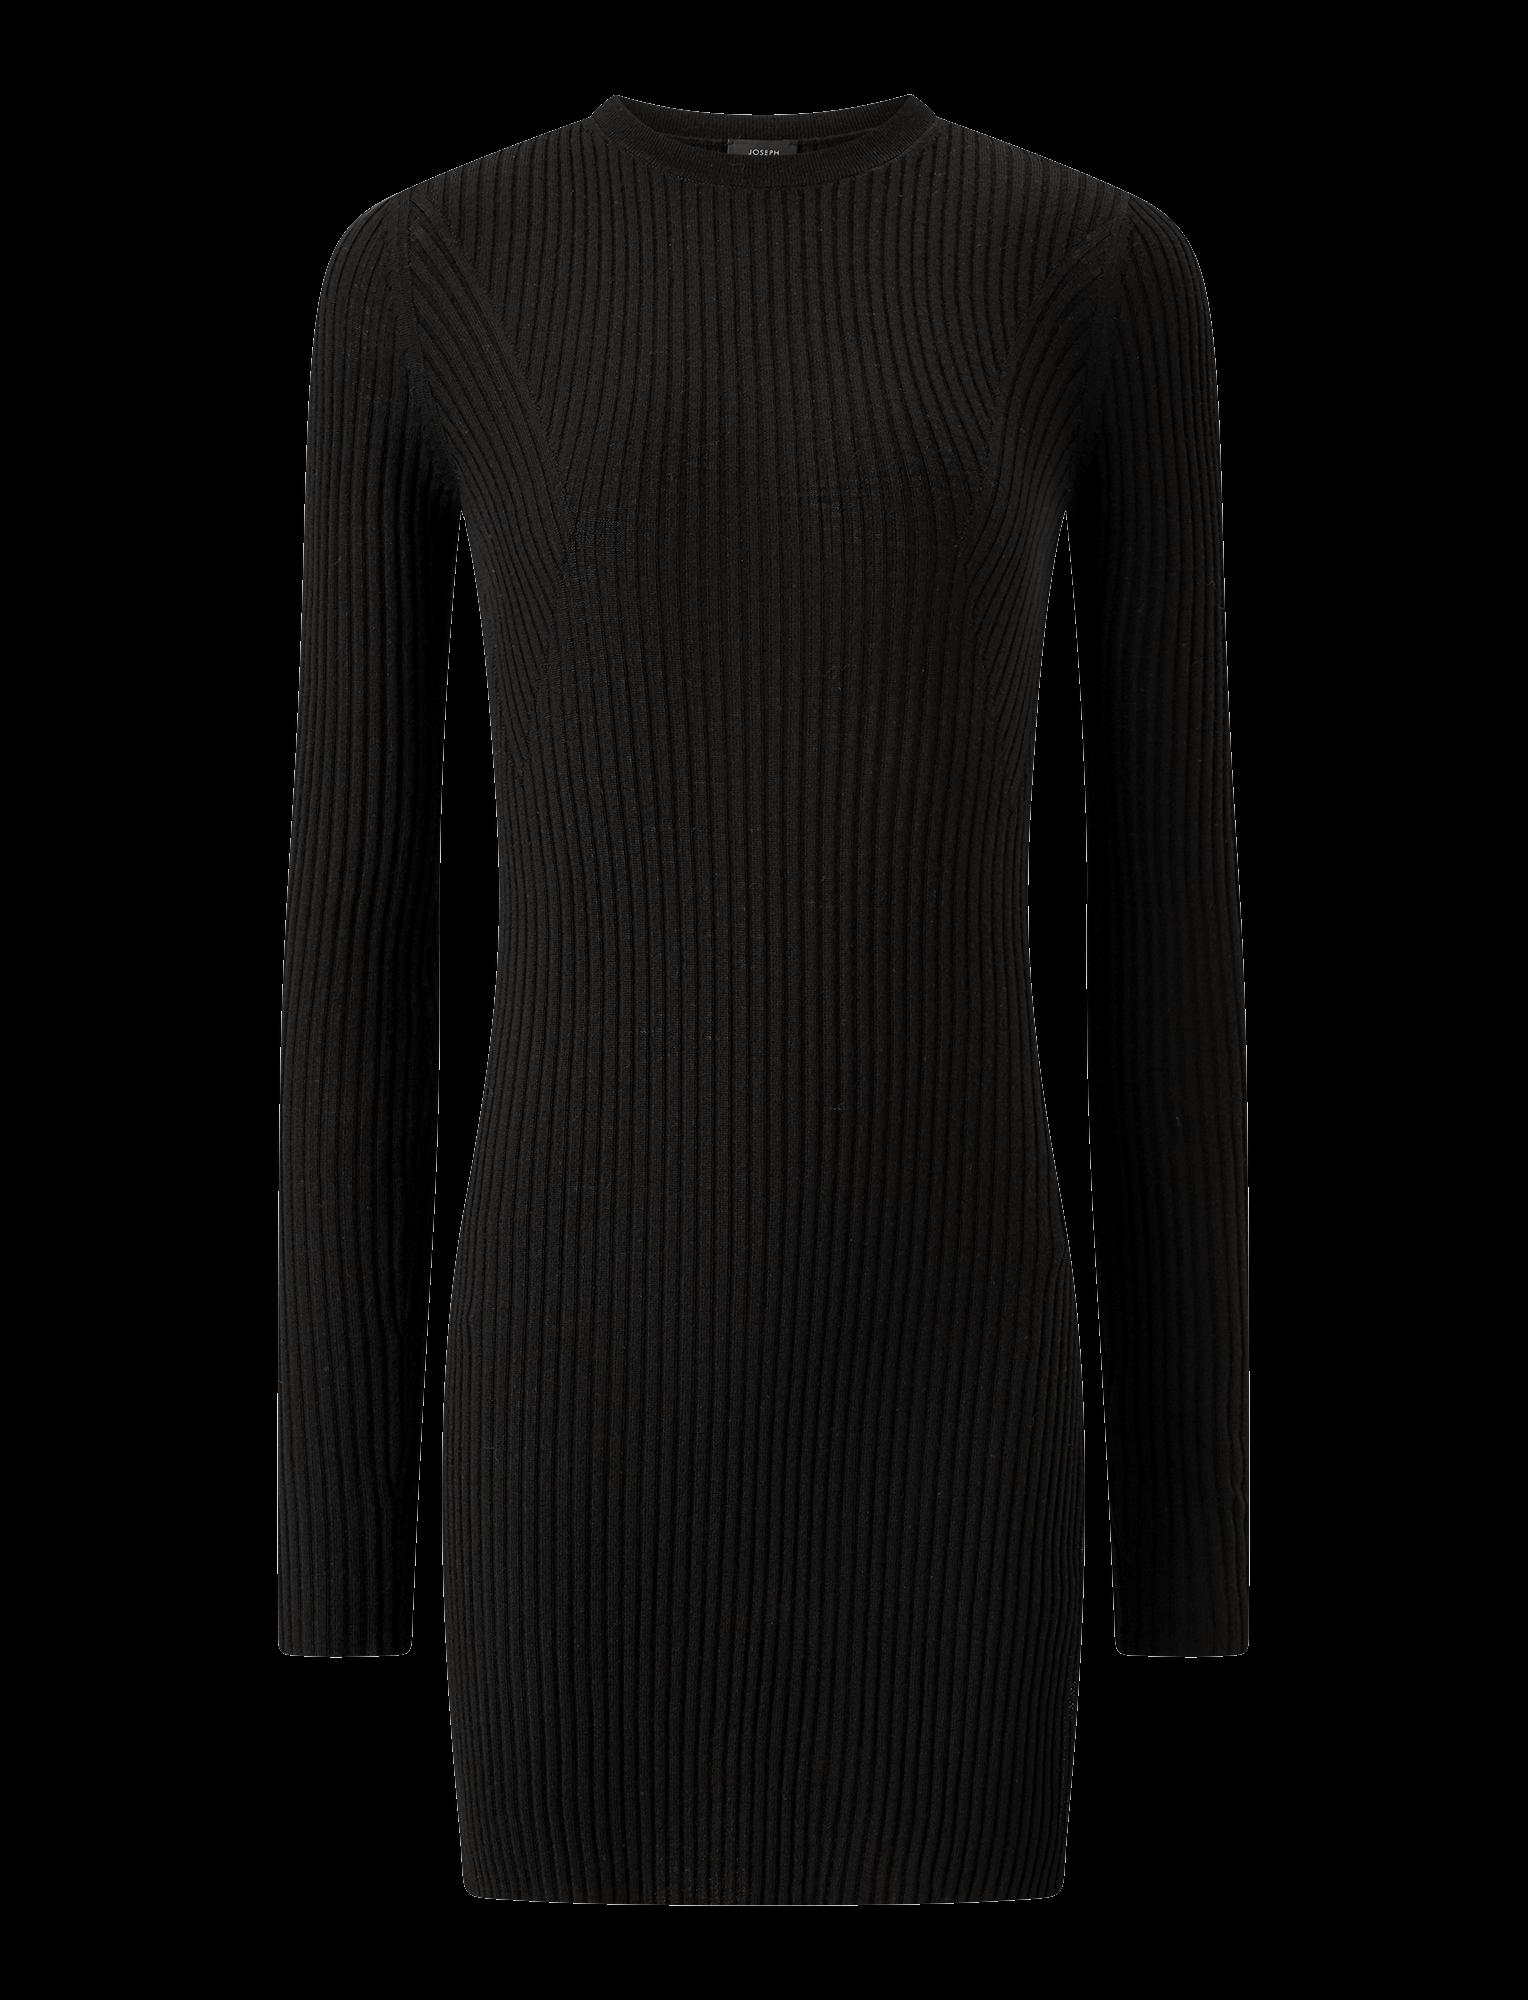 Joseph, Tunique légère en laine mérinos côtelée, in BLACK